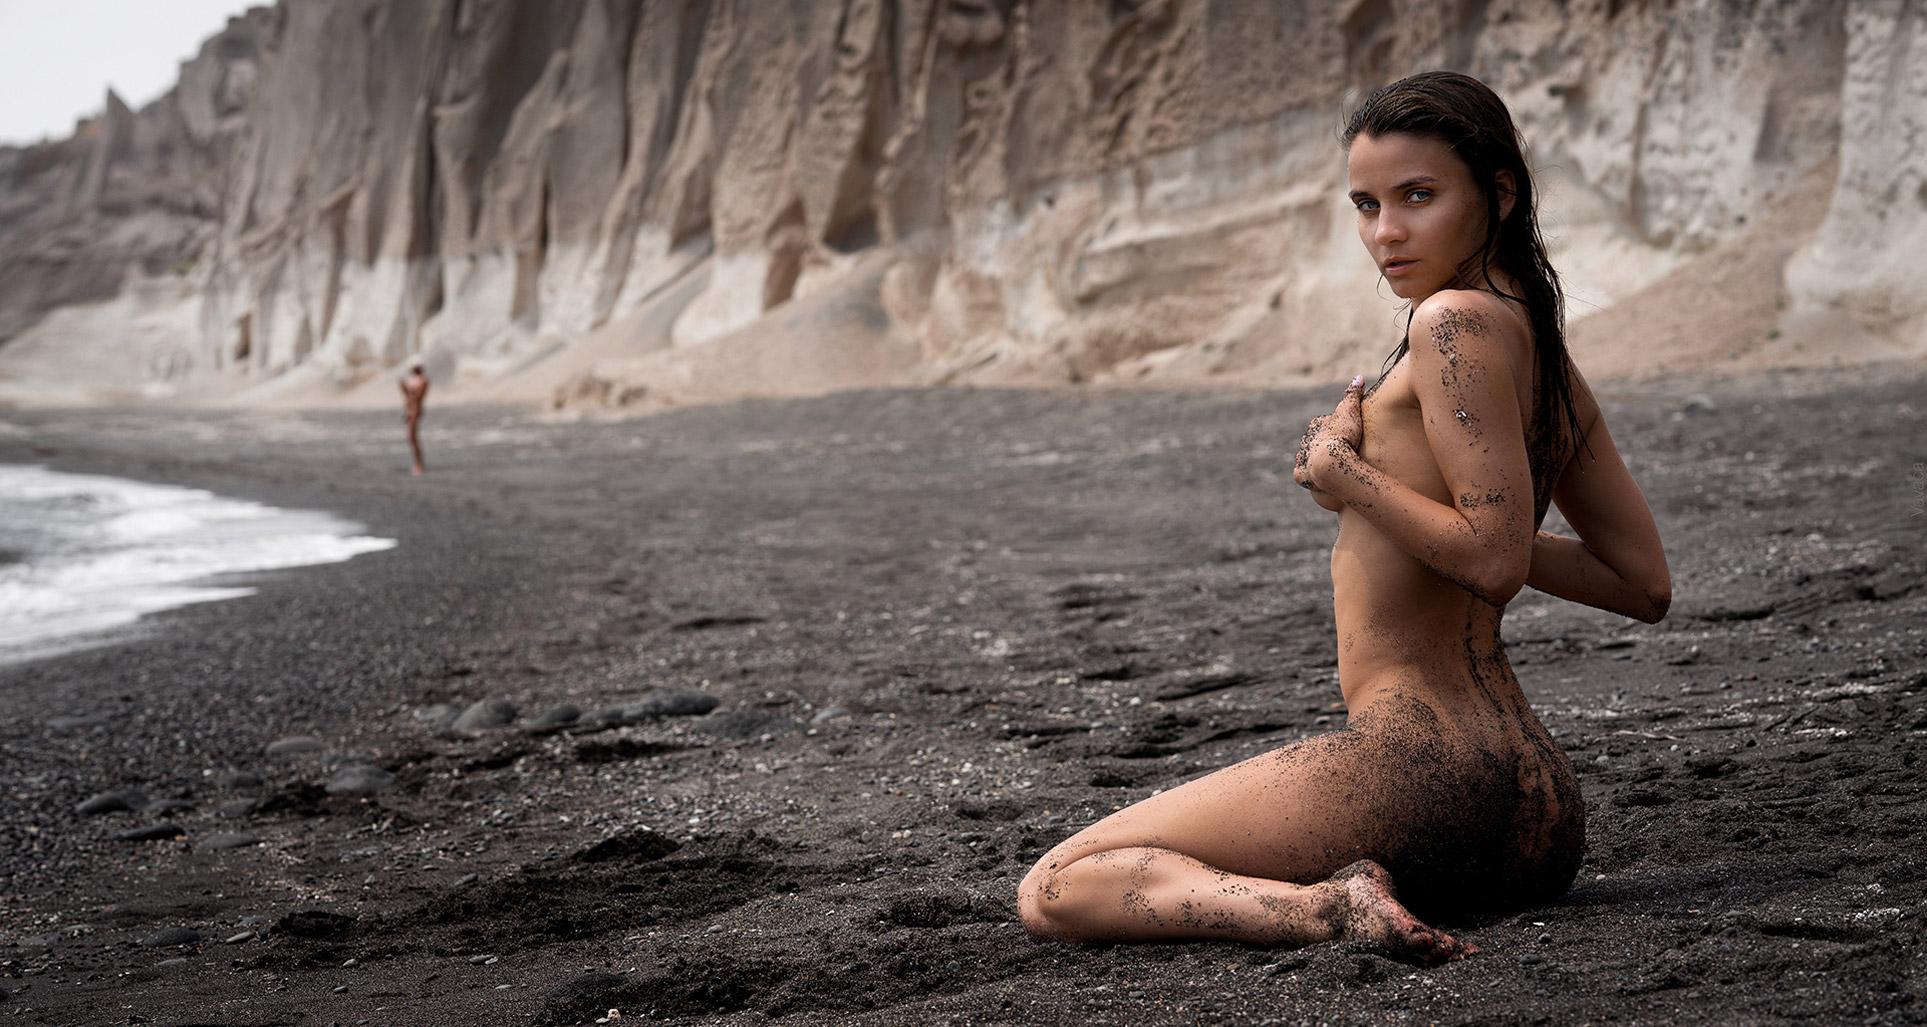 Сексуальная пляжница Кристина Макарова строит замки из песка, фотограф Владимир Николаев / Kristina Makarova by Vladimir Nikolaev